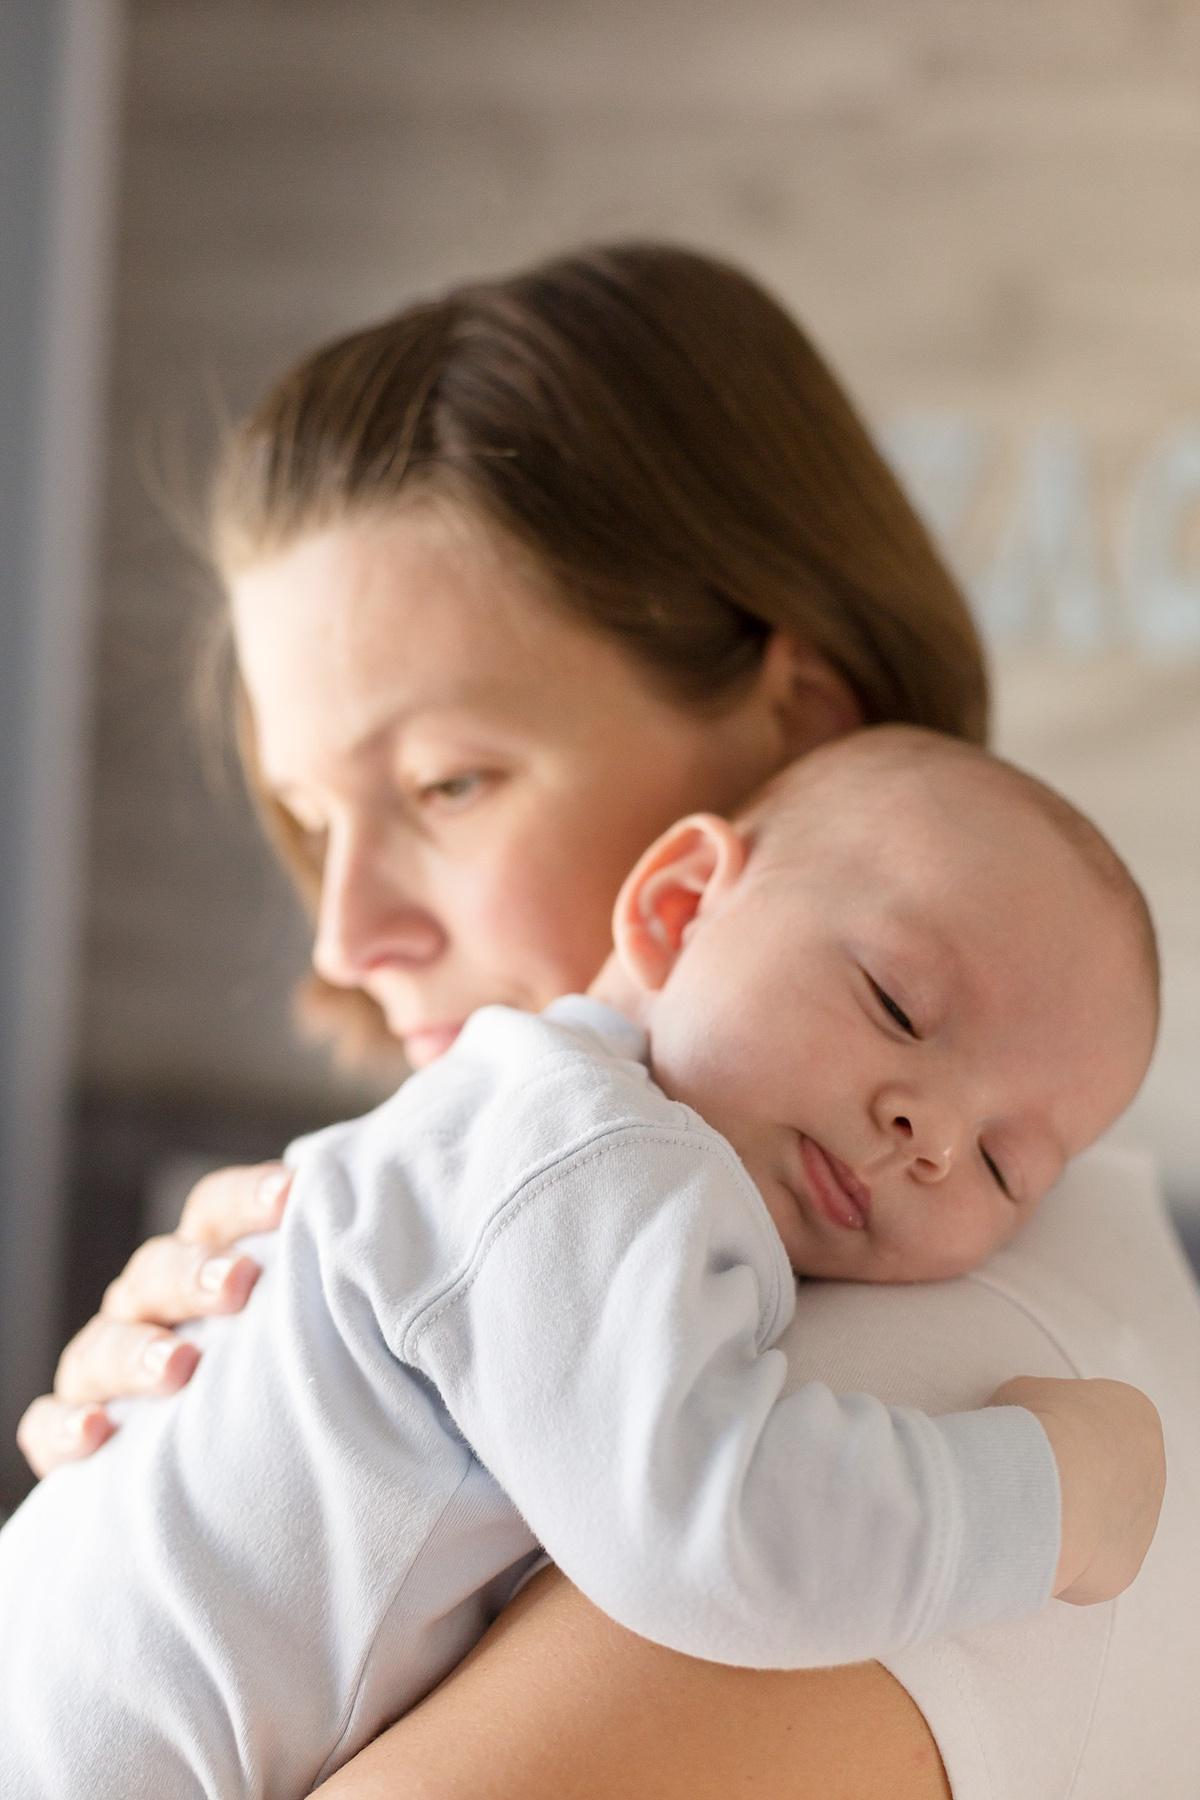 nourrisson fait un calin a sa maman. séance de photographie de famille